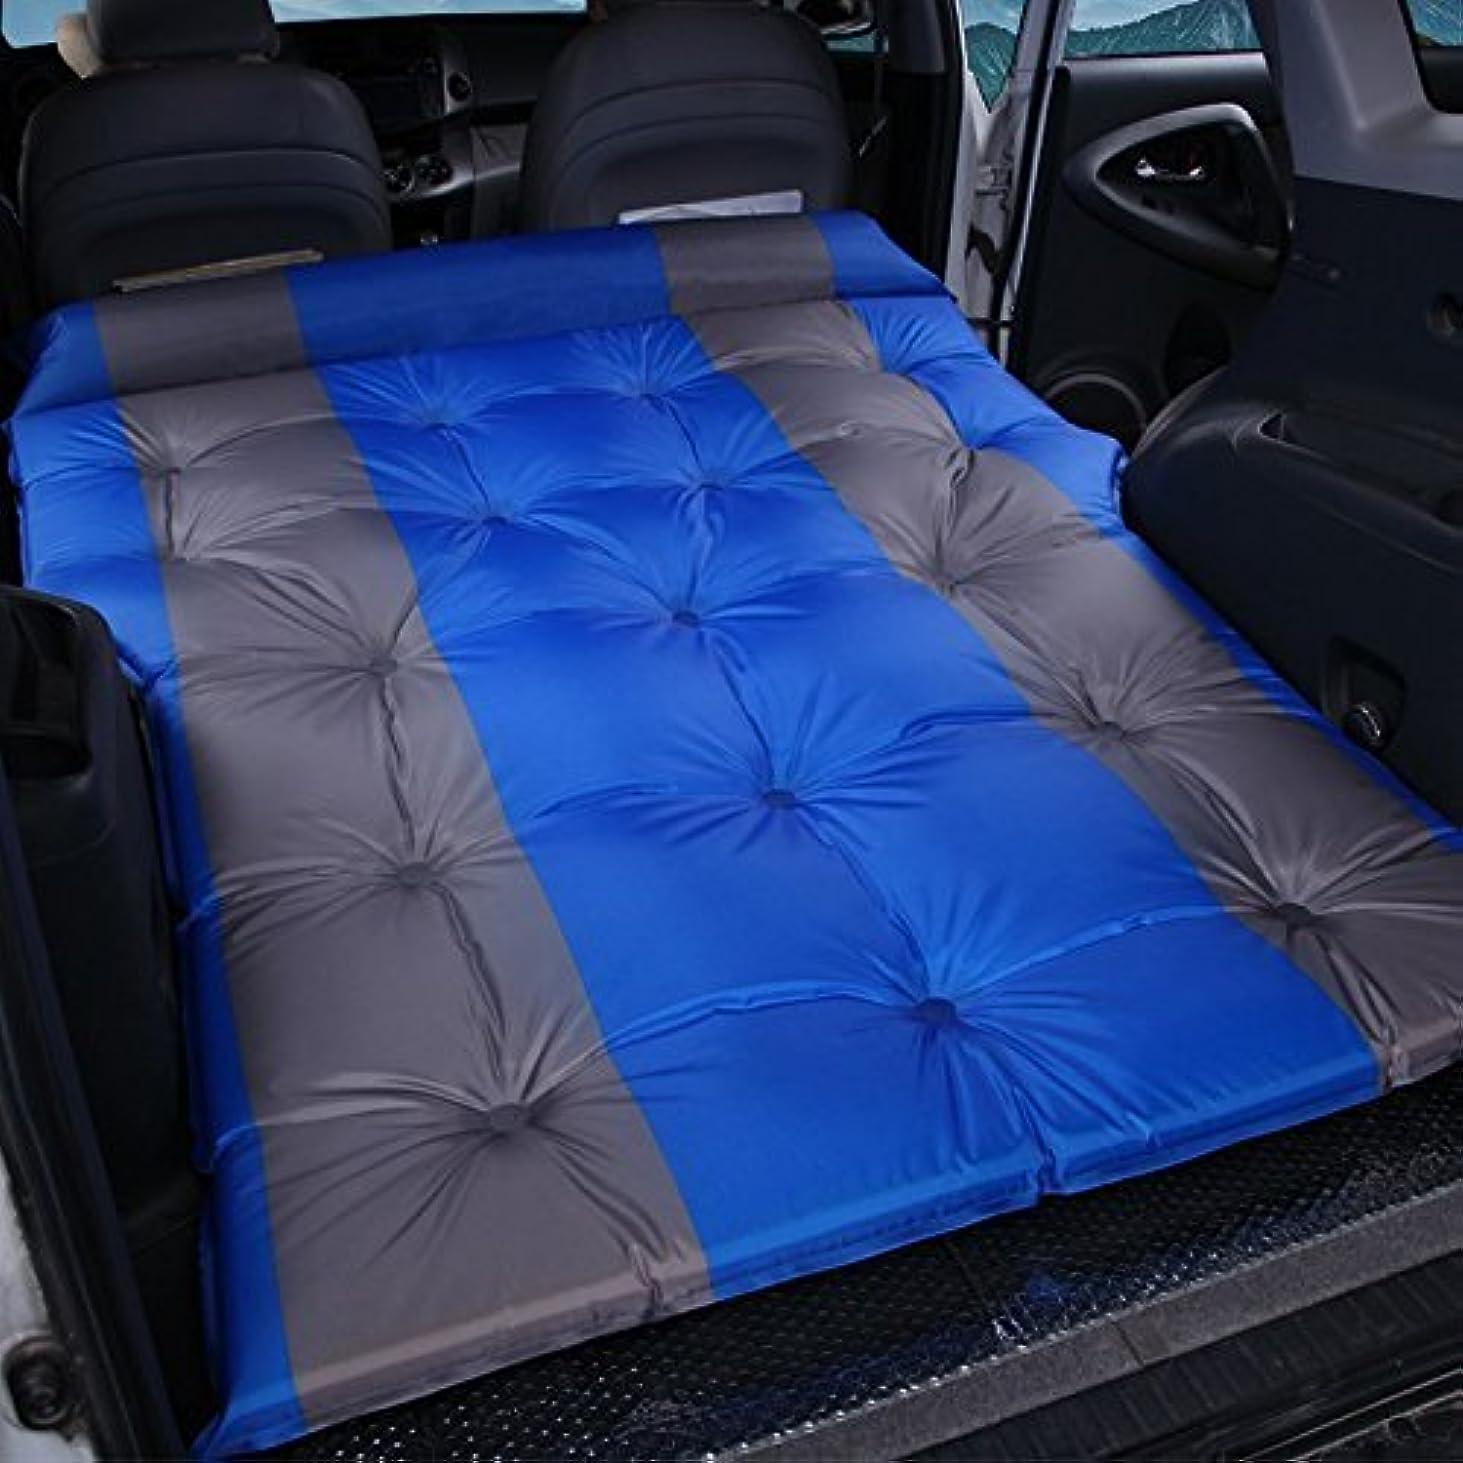 結果として戸惑う助けになる自動インフレータブルベッドsuv車のベッド、厚く折り畳まれた屋外レジャー睡眠マット休暇旅行ベッド車のマットキャンプ防湿パッドカー用品ポータブル195 * 140 cm